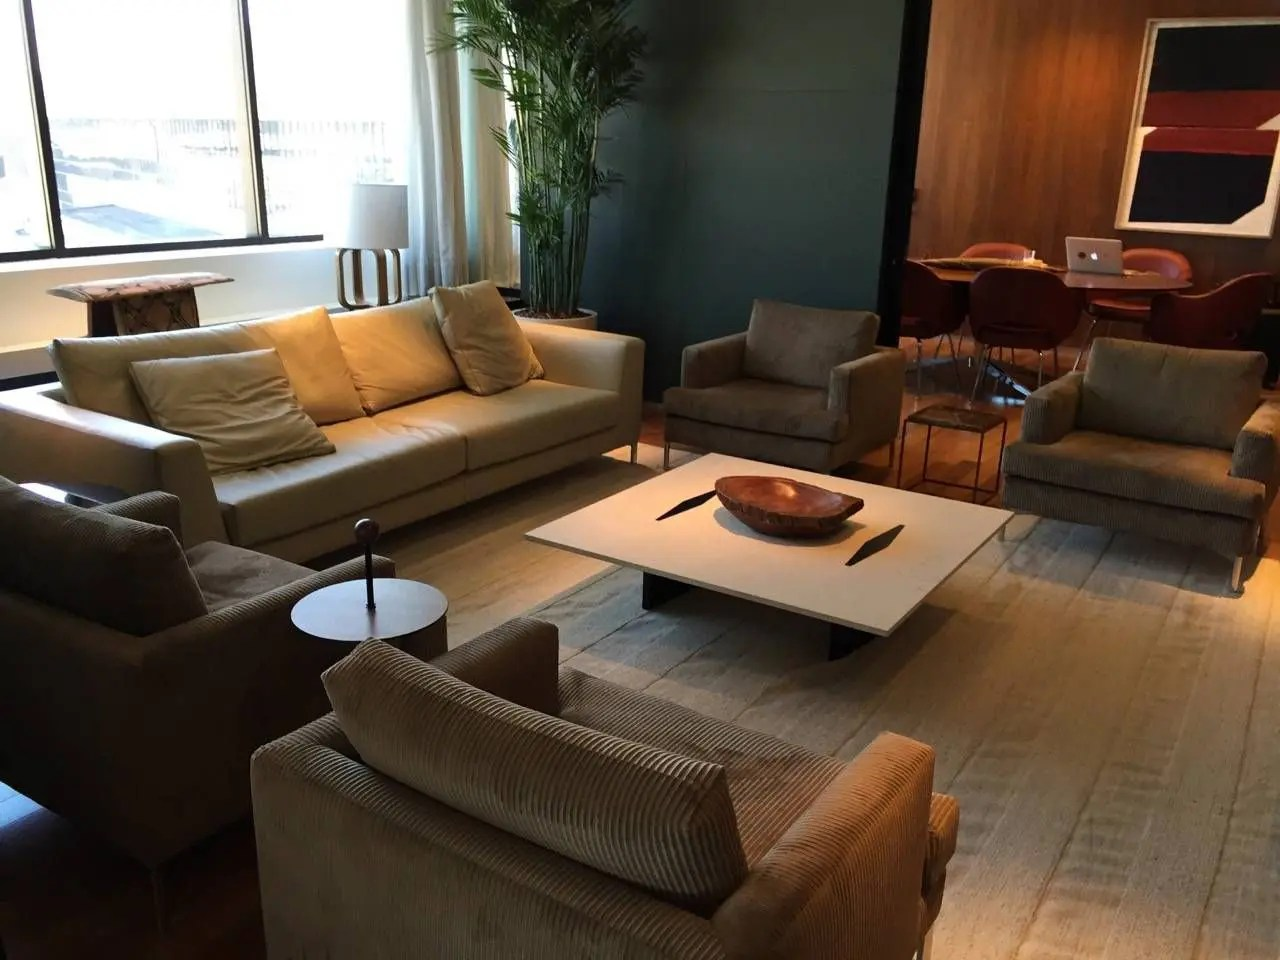 Bradesco-Cartoes-Lounge-019